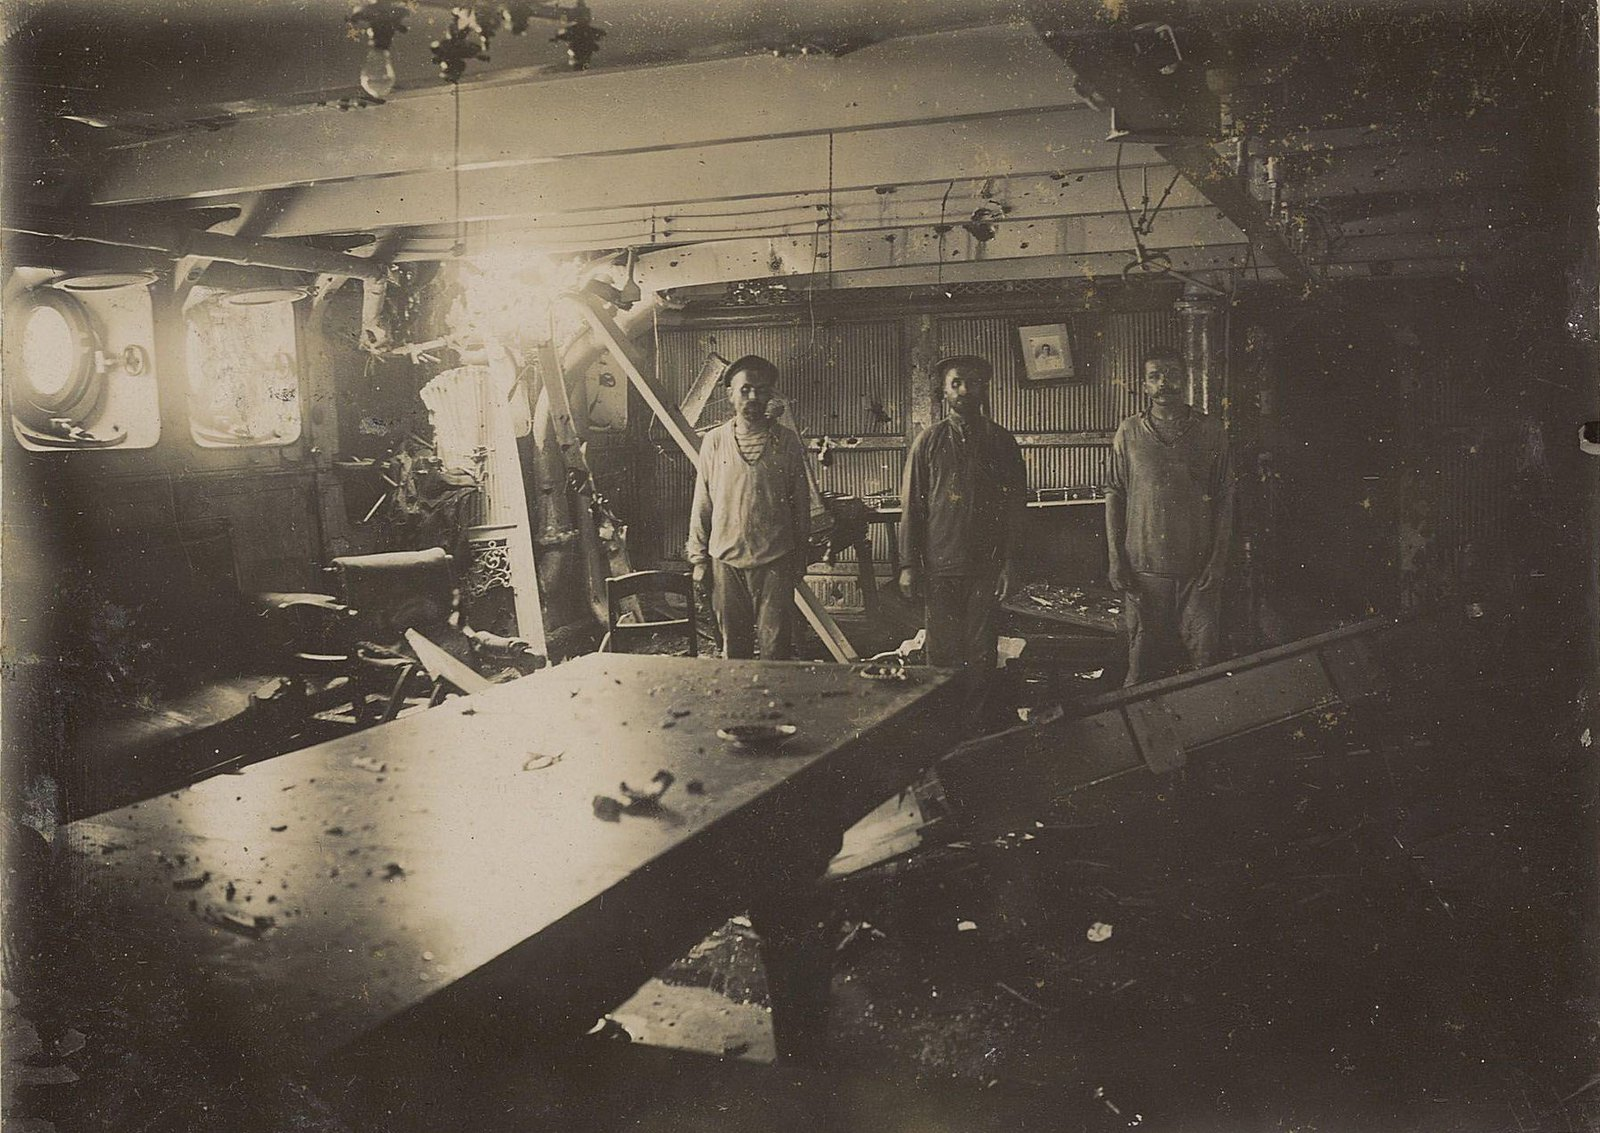 Внутреннее помещение корабля со следами военных повреждений